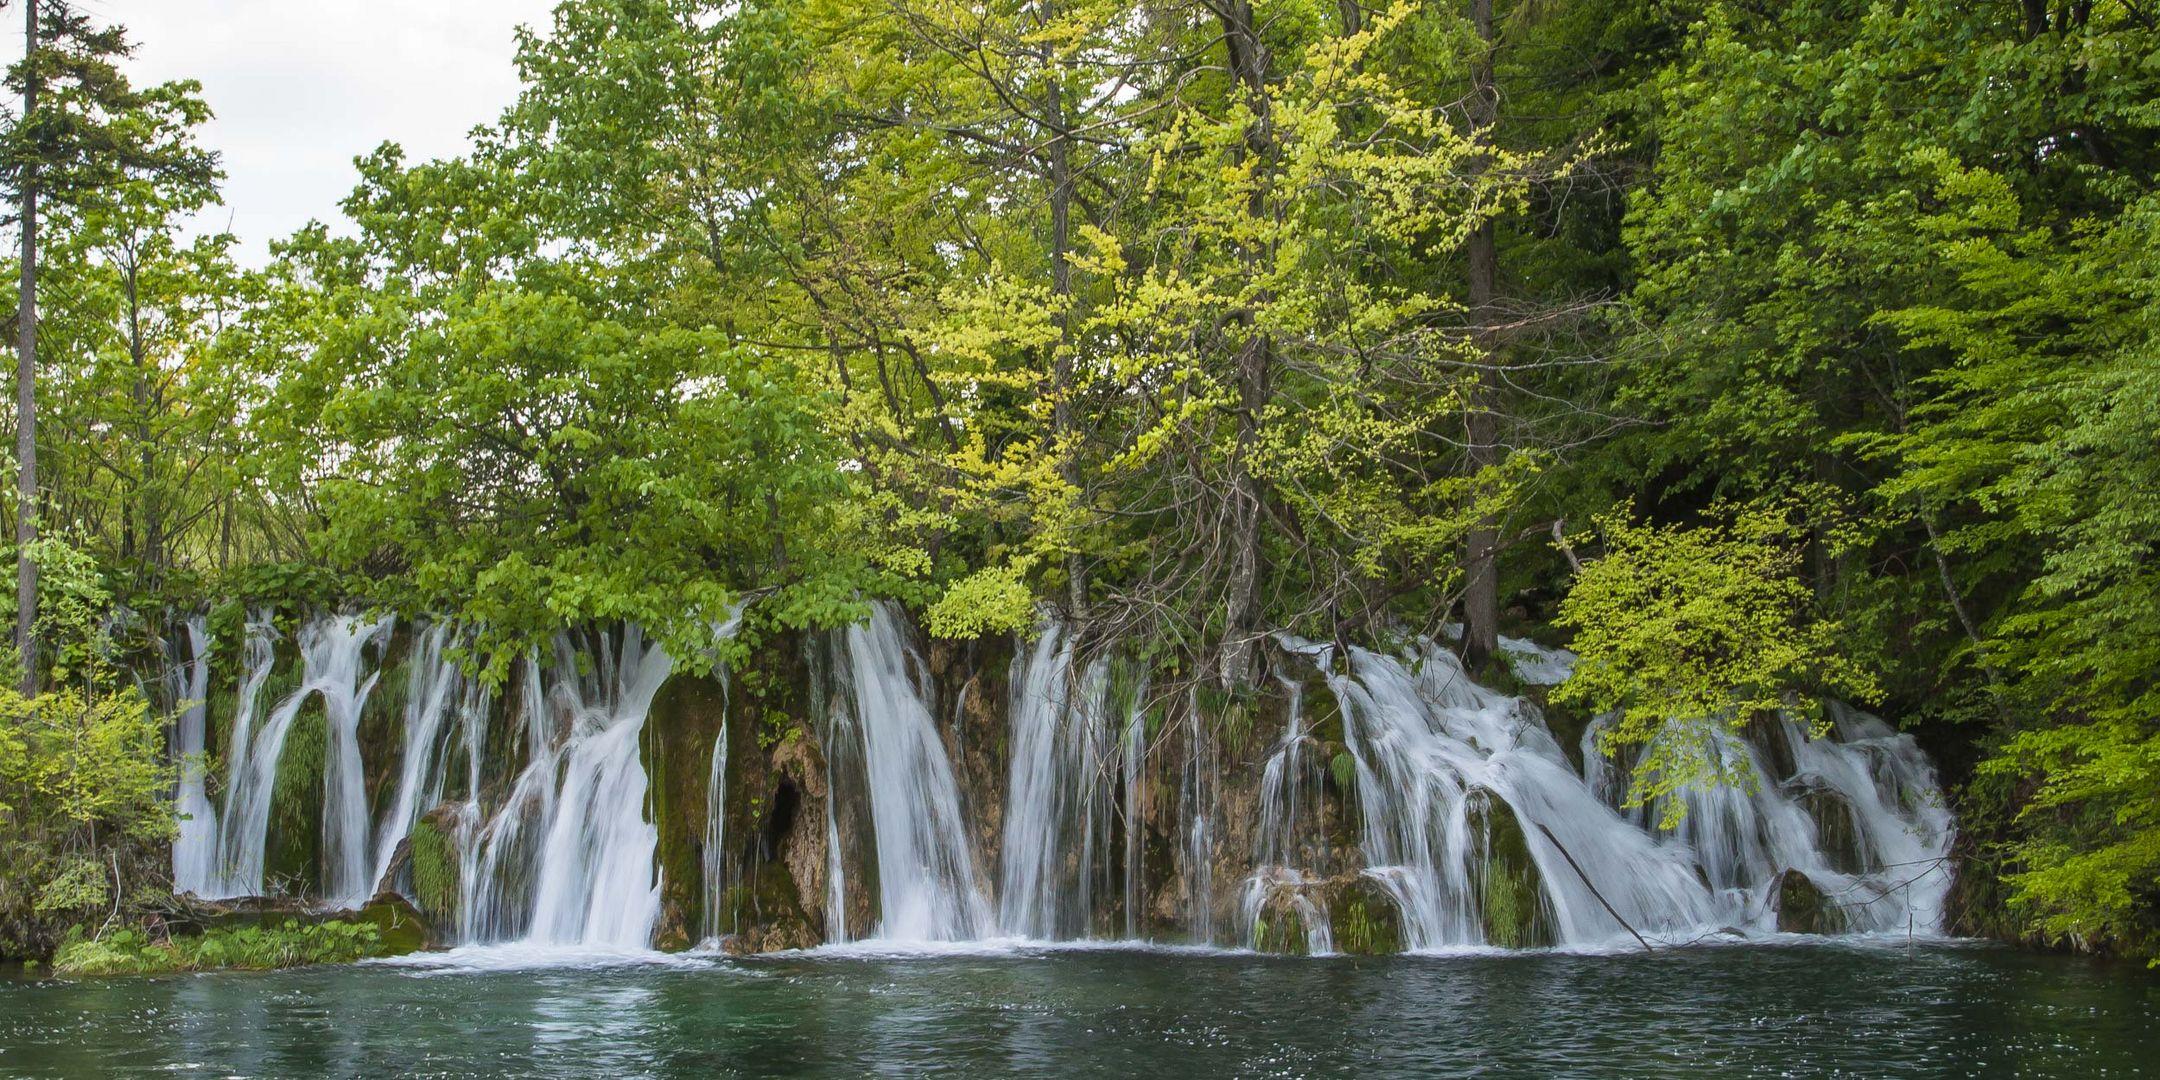 Waldwasser - I